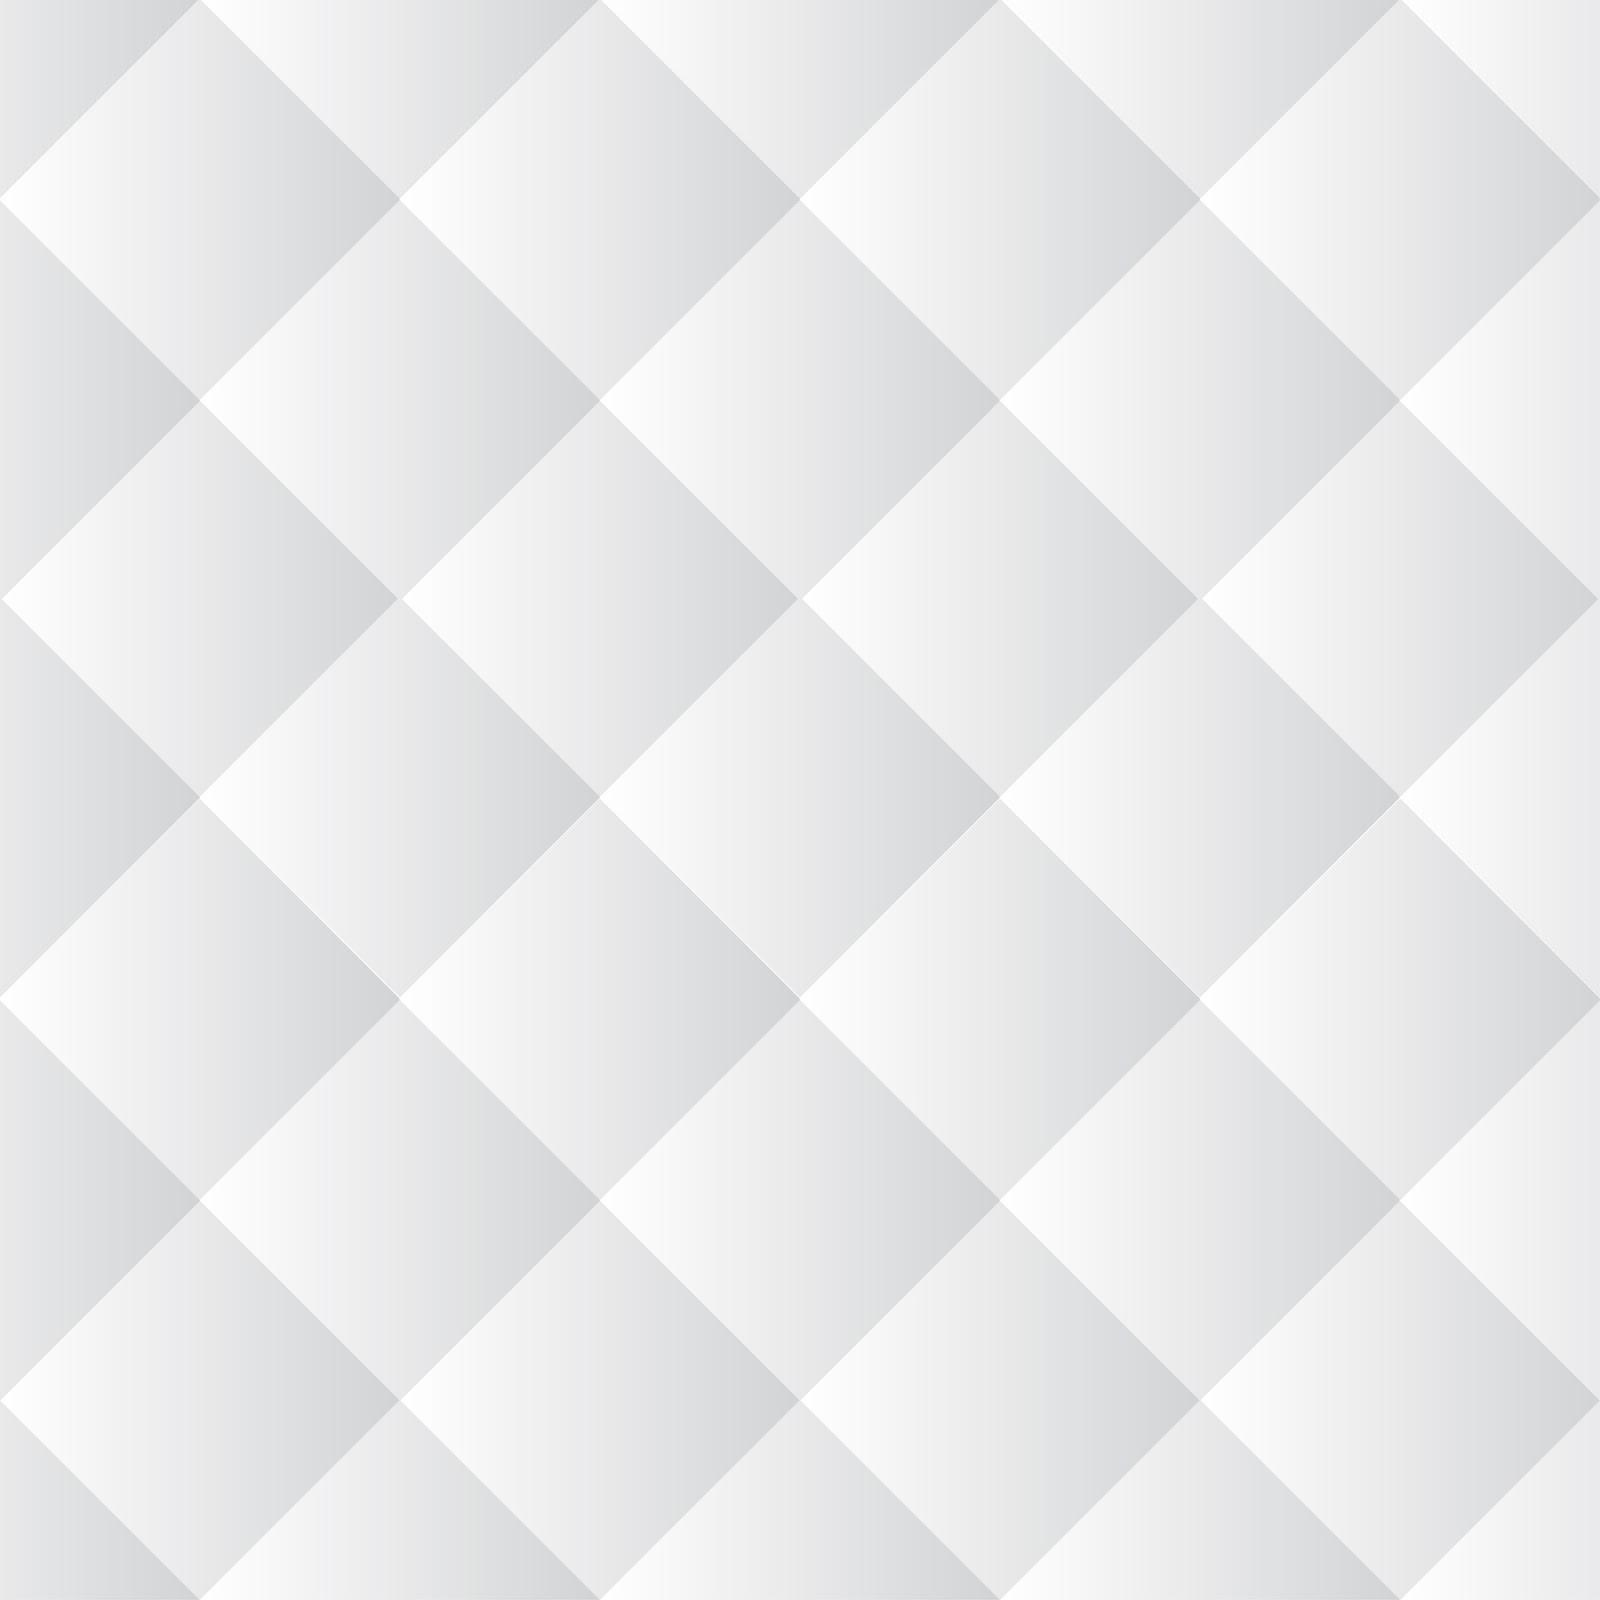 Seamless White Background